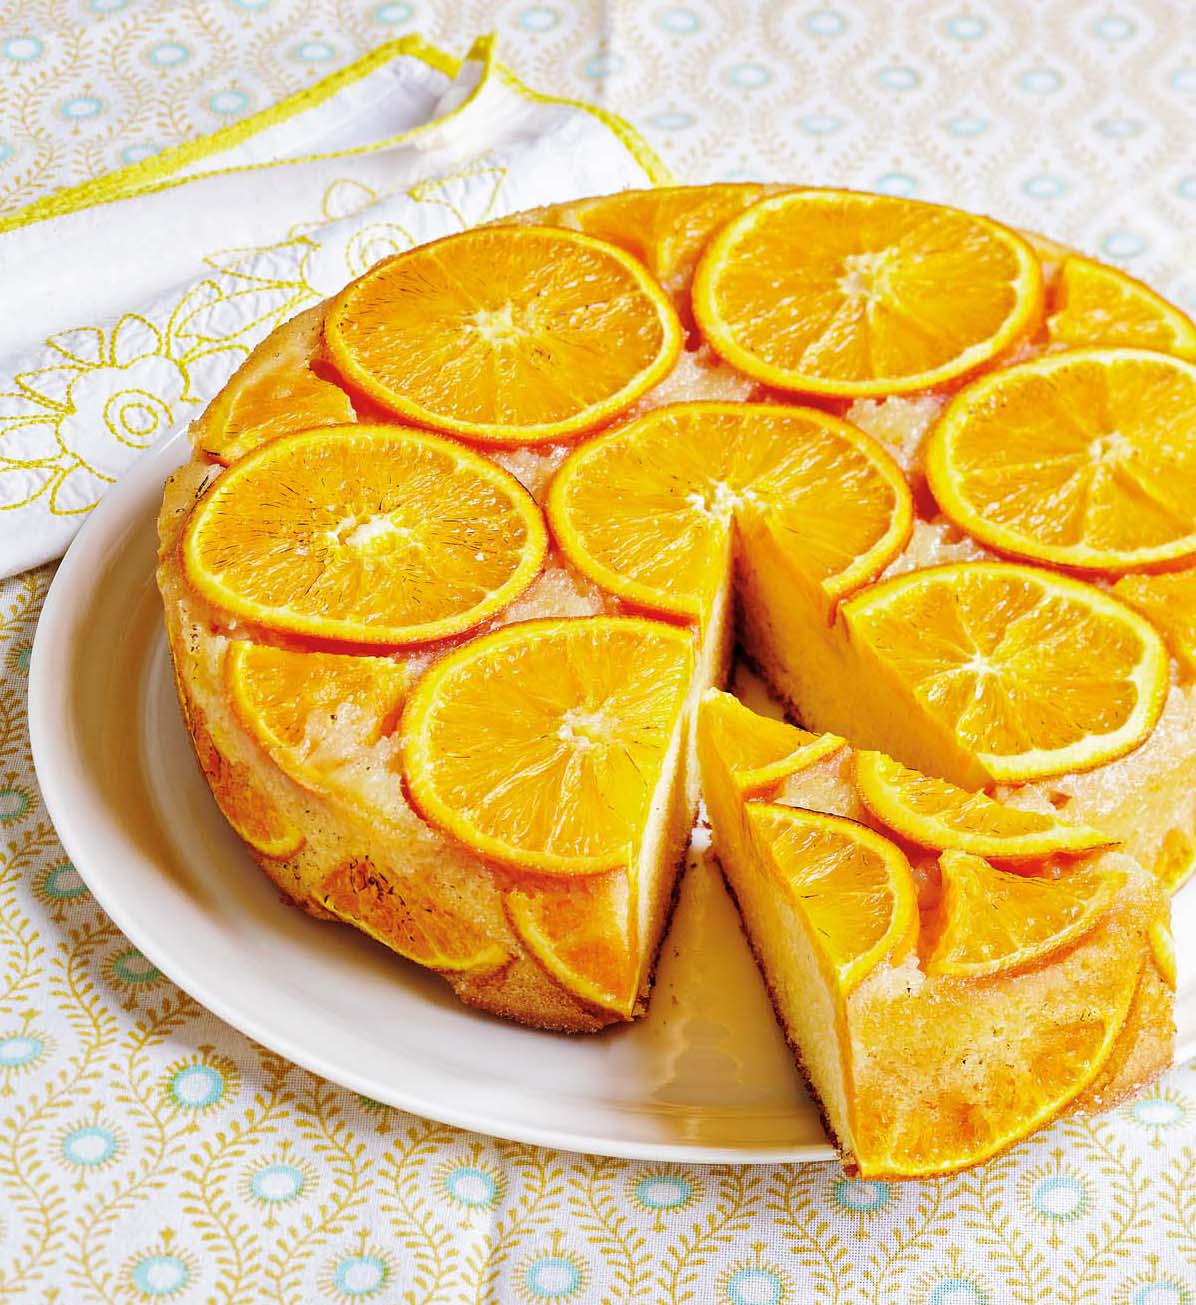 Französischer Orangenkuchen. Enie van de Meiklokjes – Sweet & Easy [Rezension]  | Arthurs Tochter kocht. von Astrid Paul. Der Blog für food, wine, travel & love